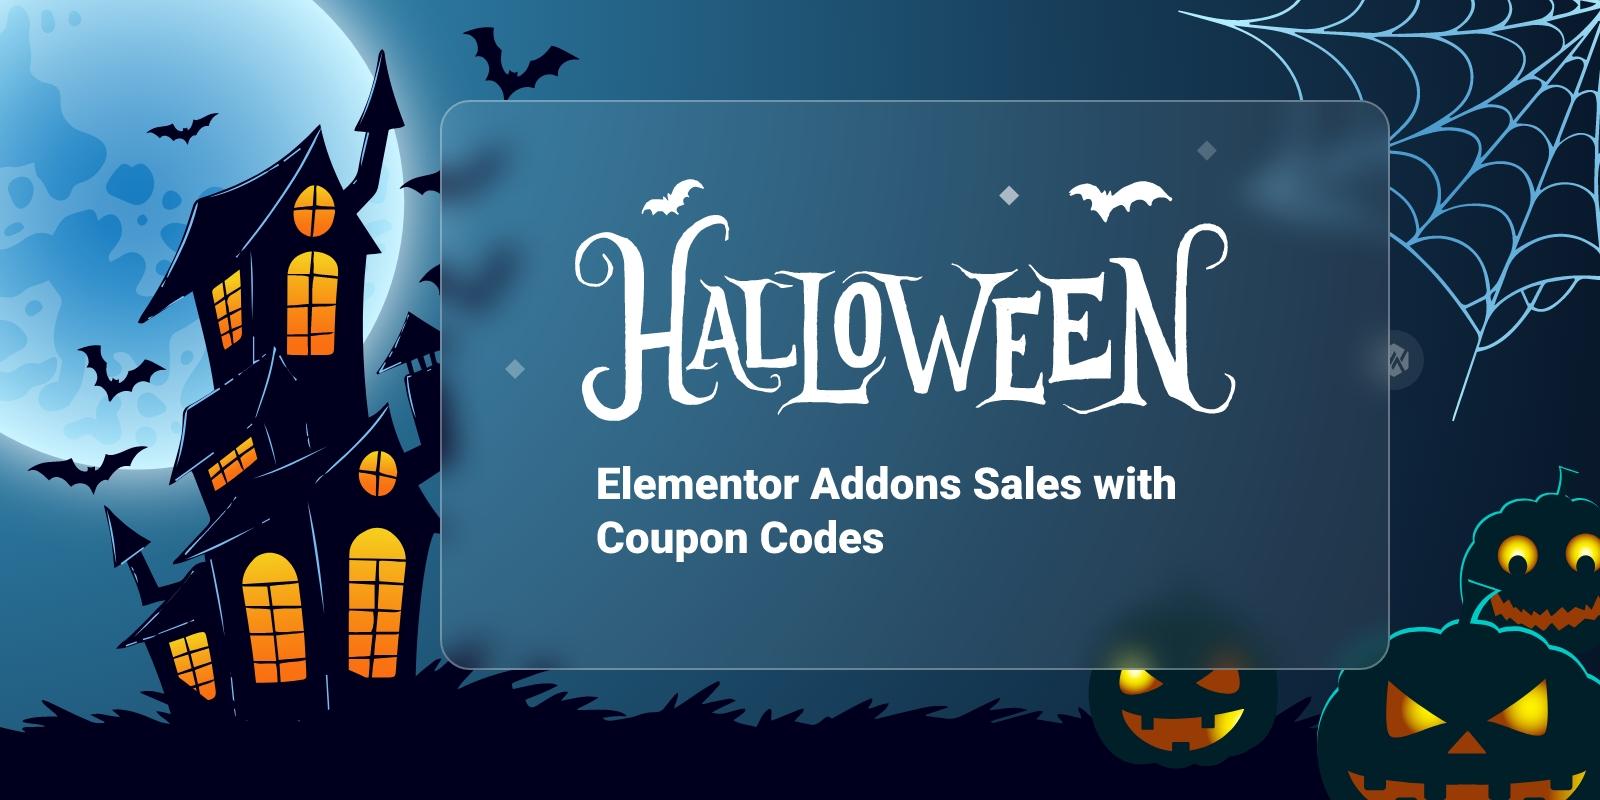 Best Elementor Addon Halloween Coupons & Deals